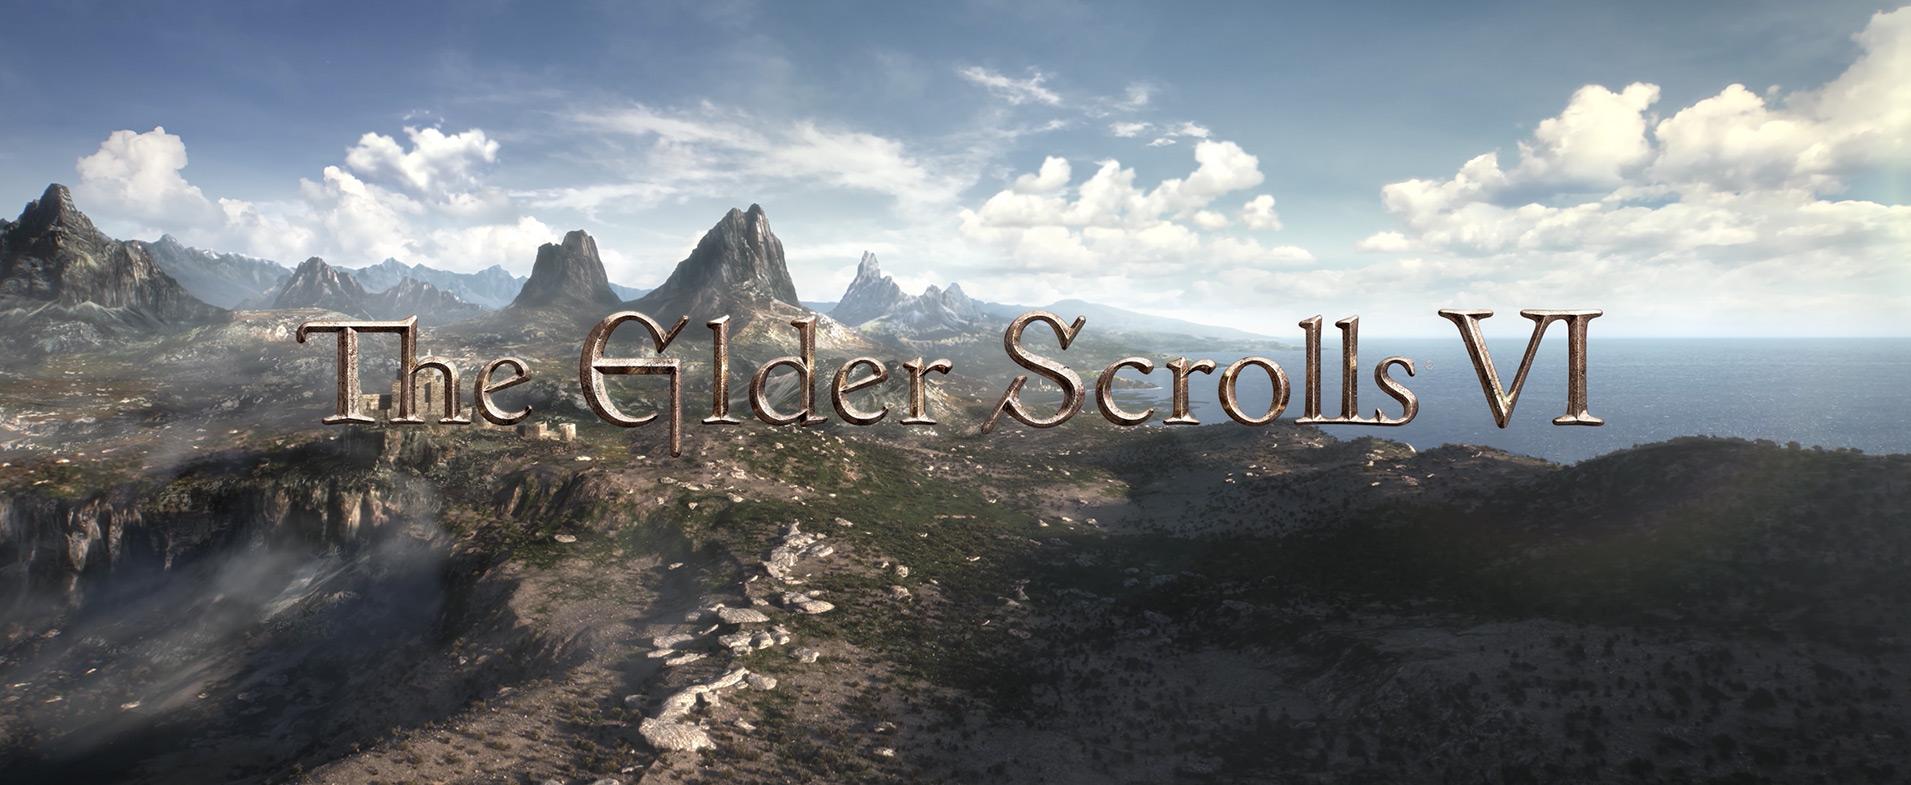 Мнение: Bethesda не привезла Starfield и The Elder Scrolls VI на E3 2019, так как это игры нового поколения